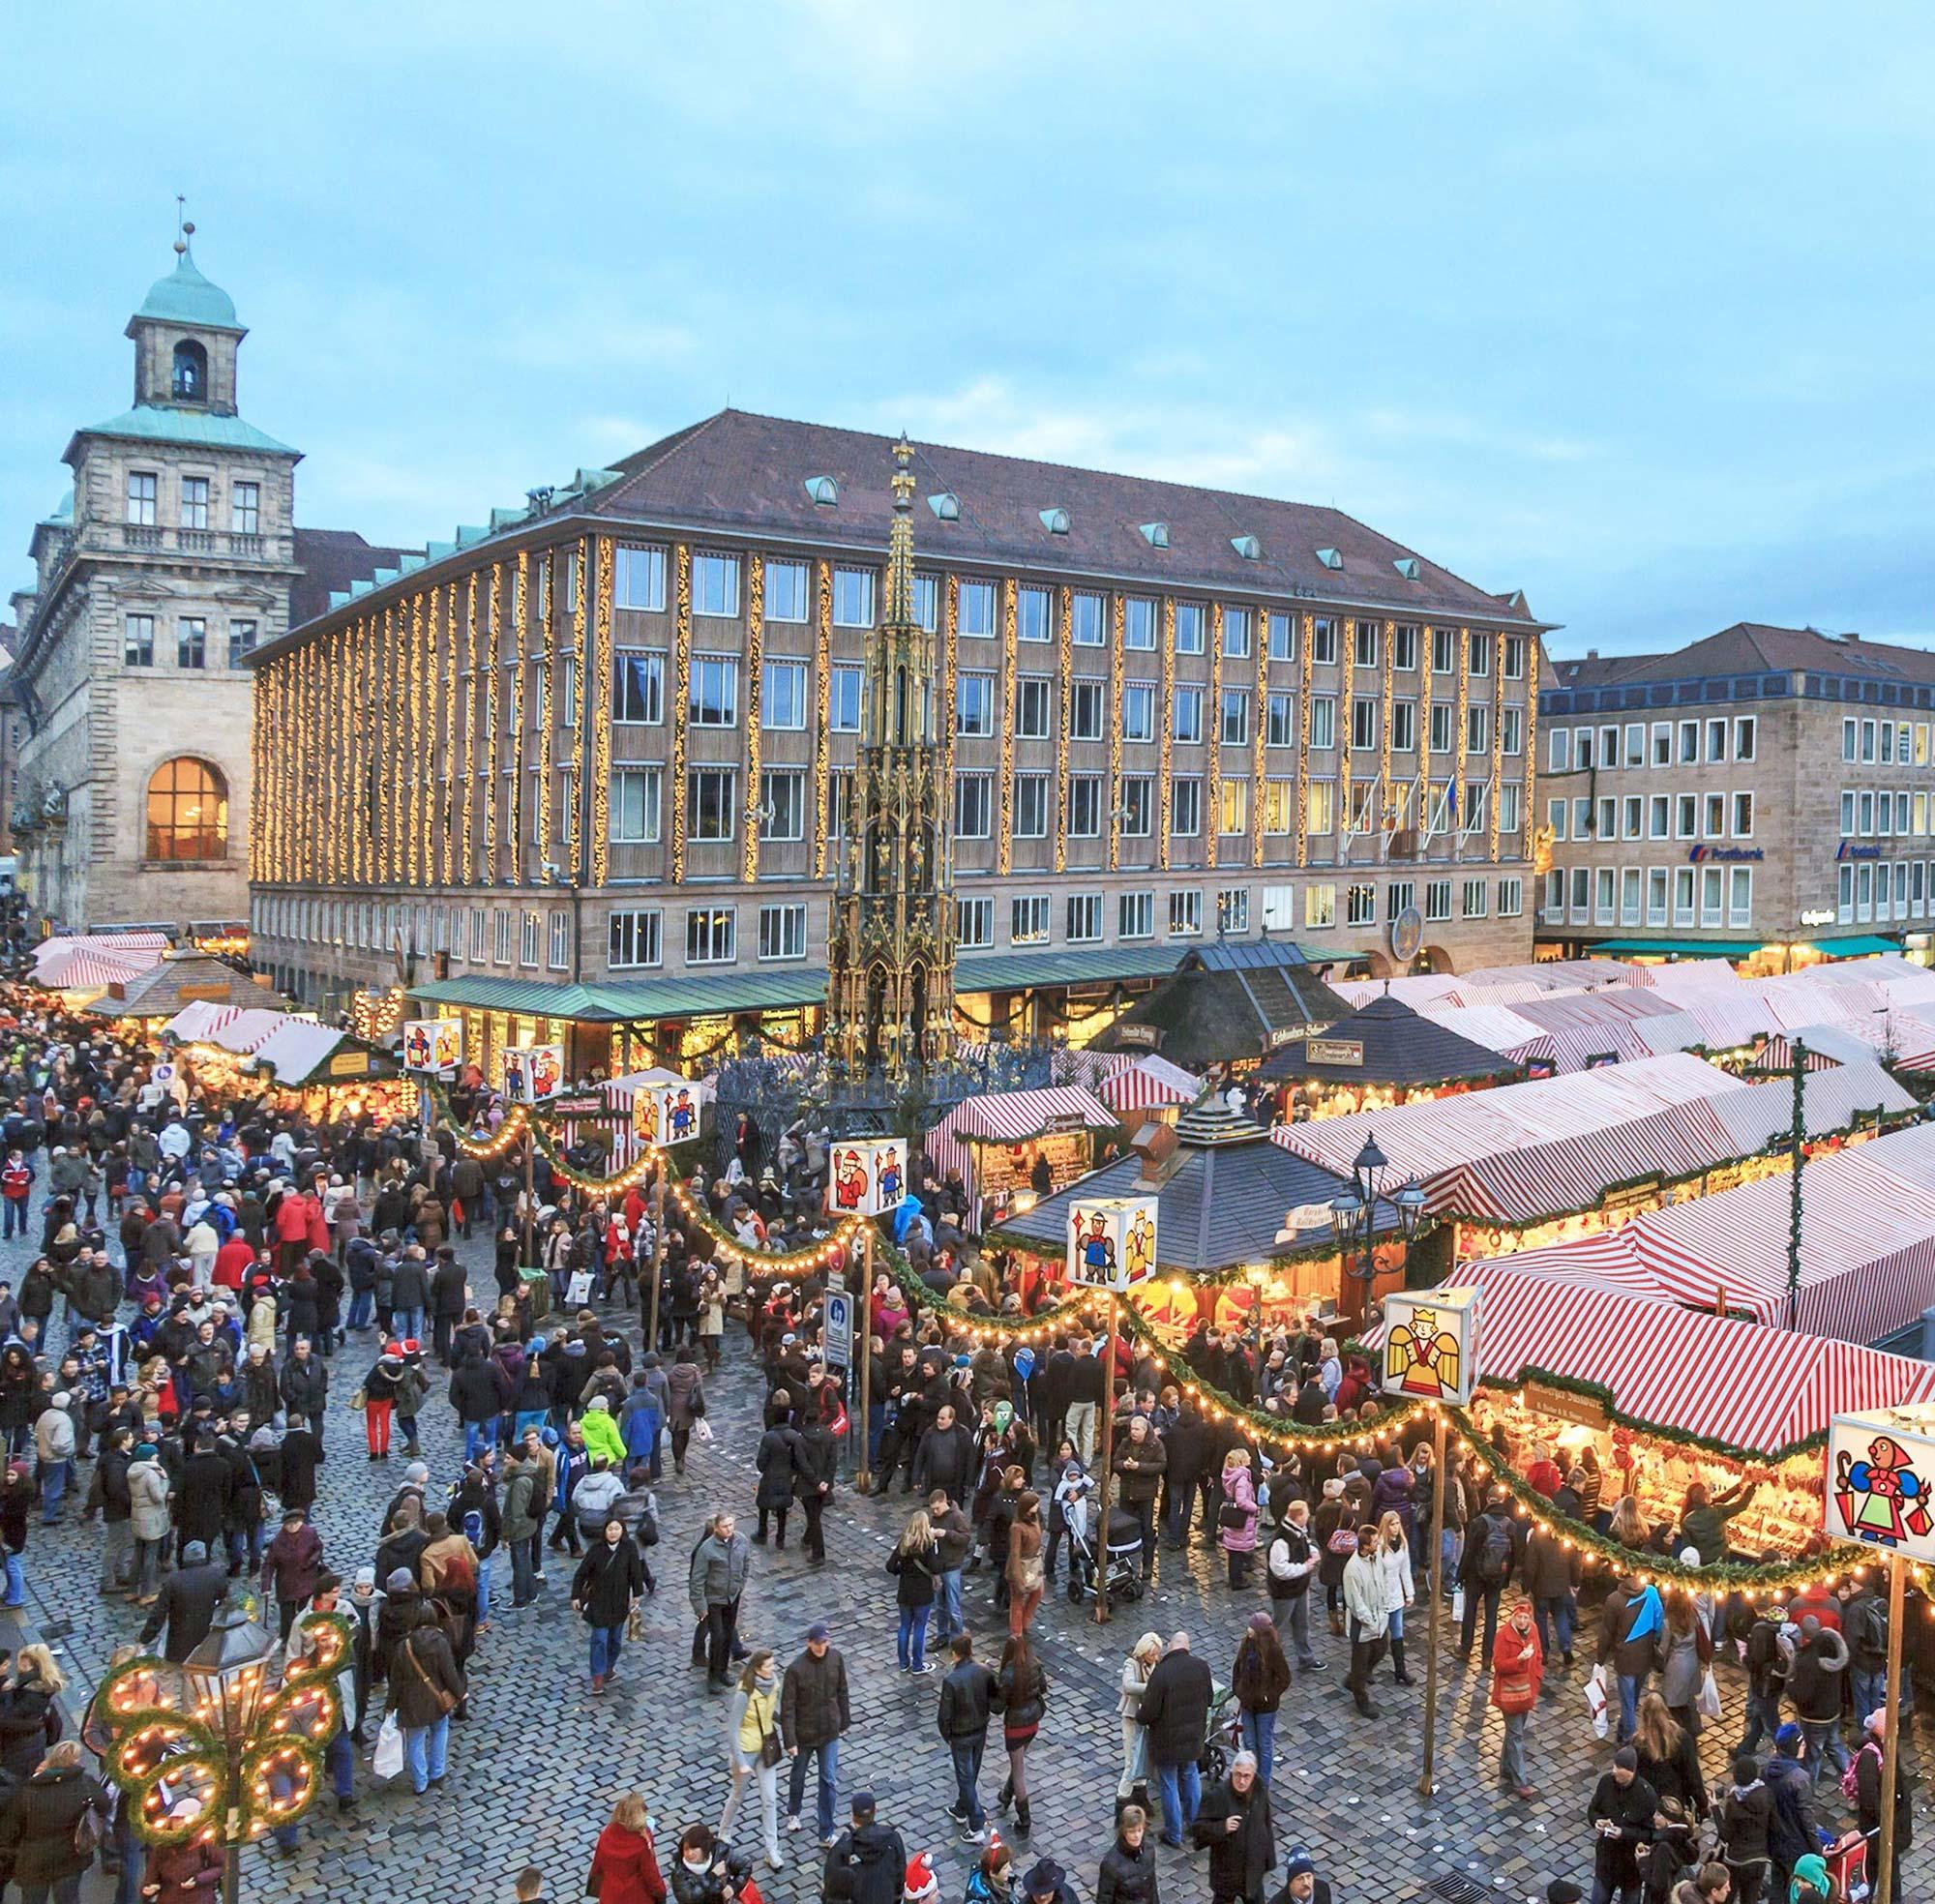 Vue sur le marché de Noël de Nuremberg